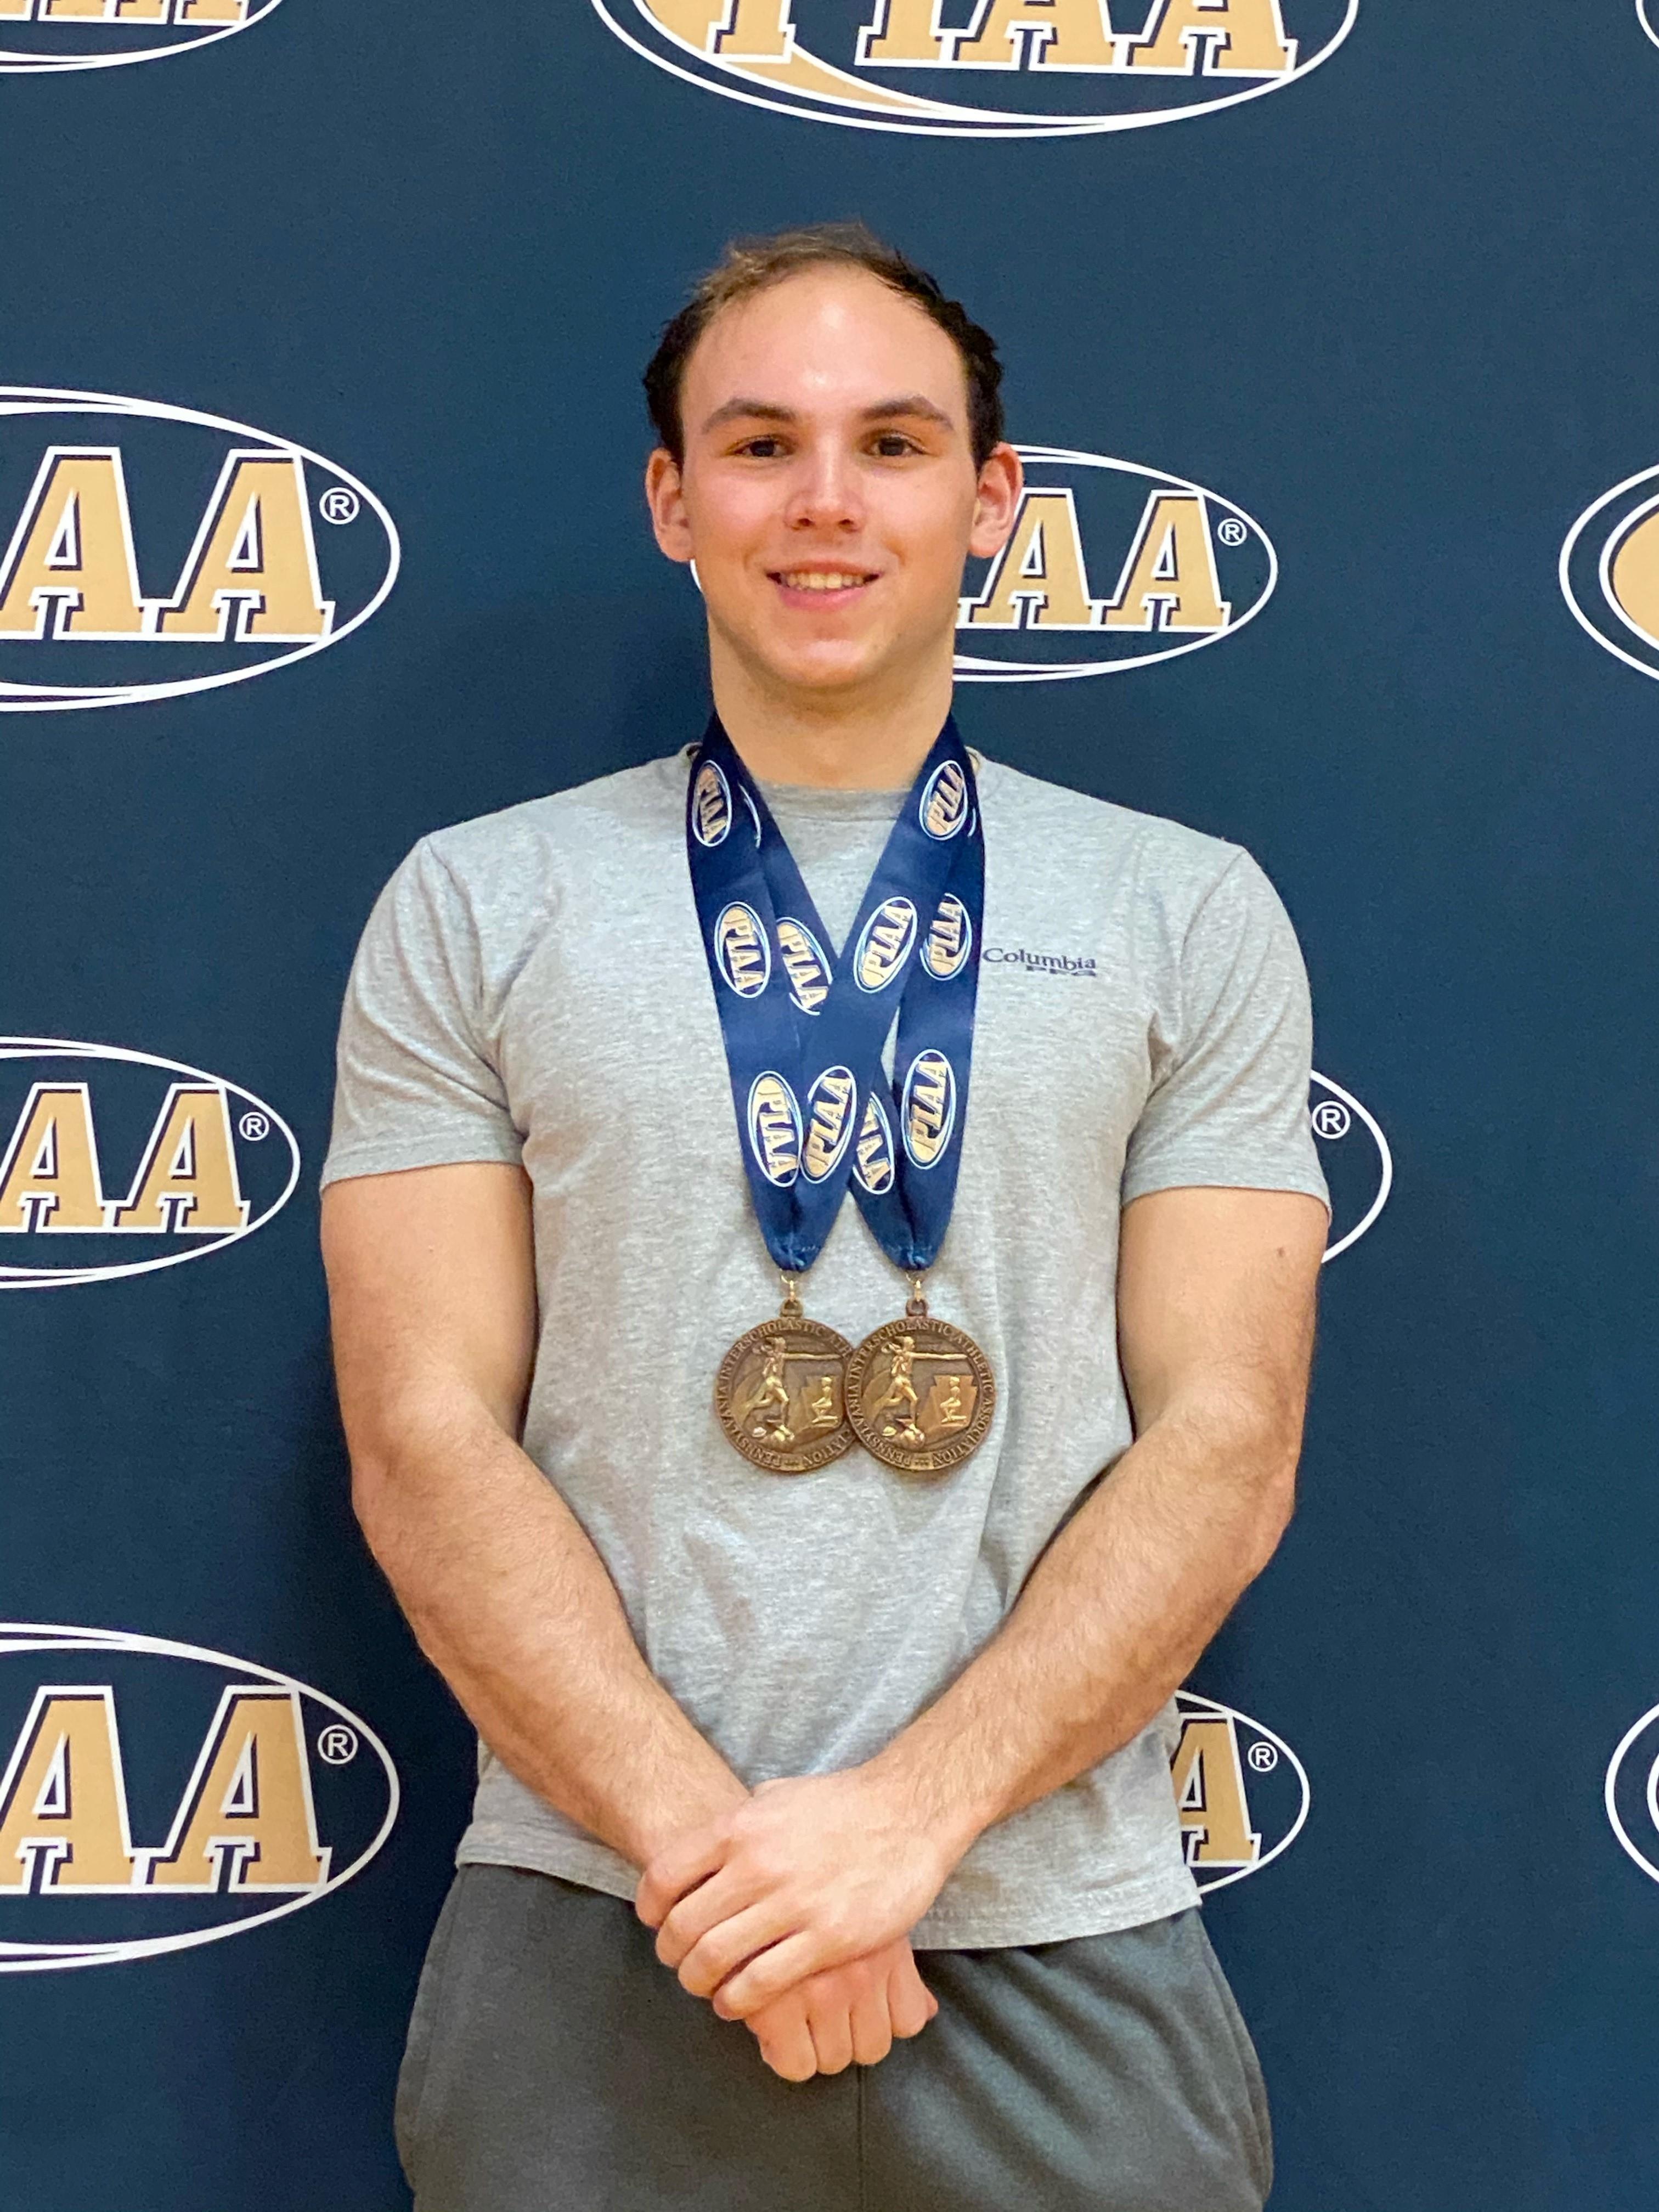 Jeffries medals at 2021 PIAA AA swim meet